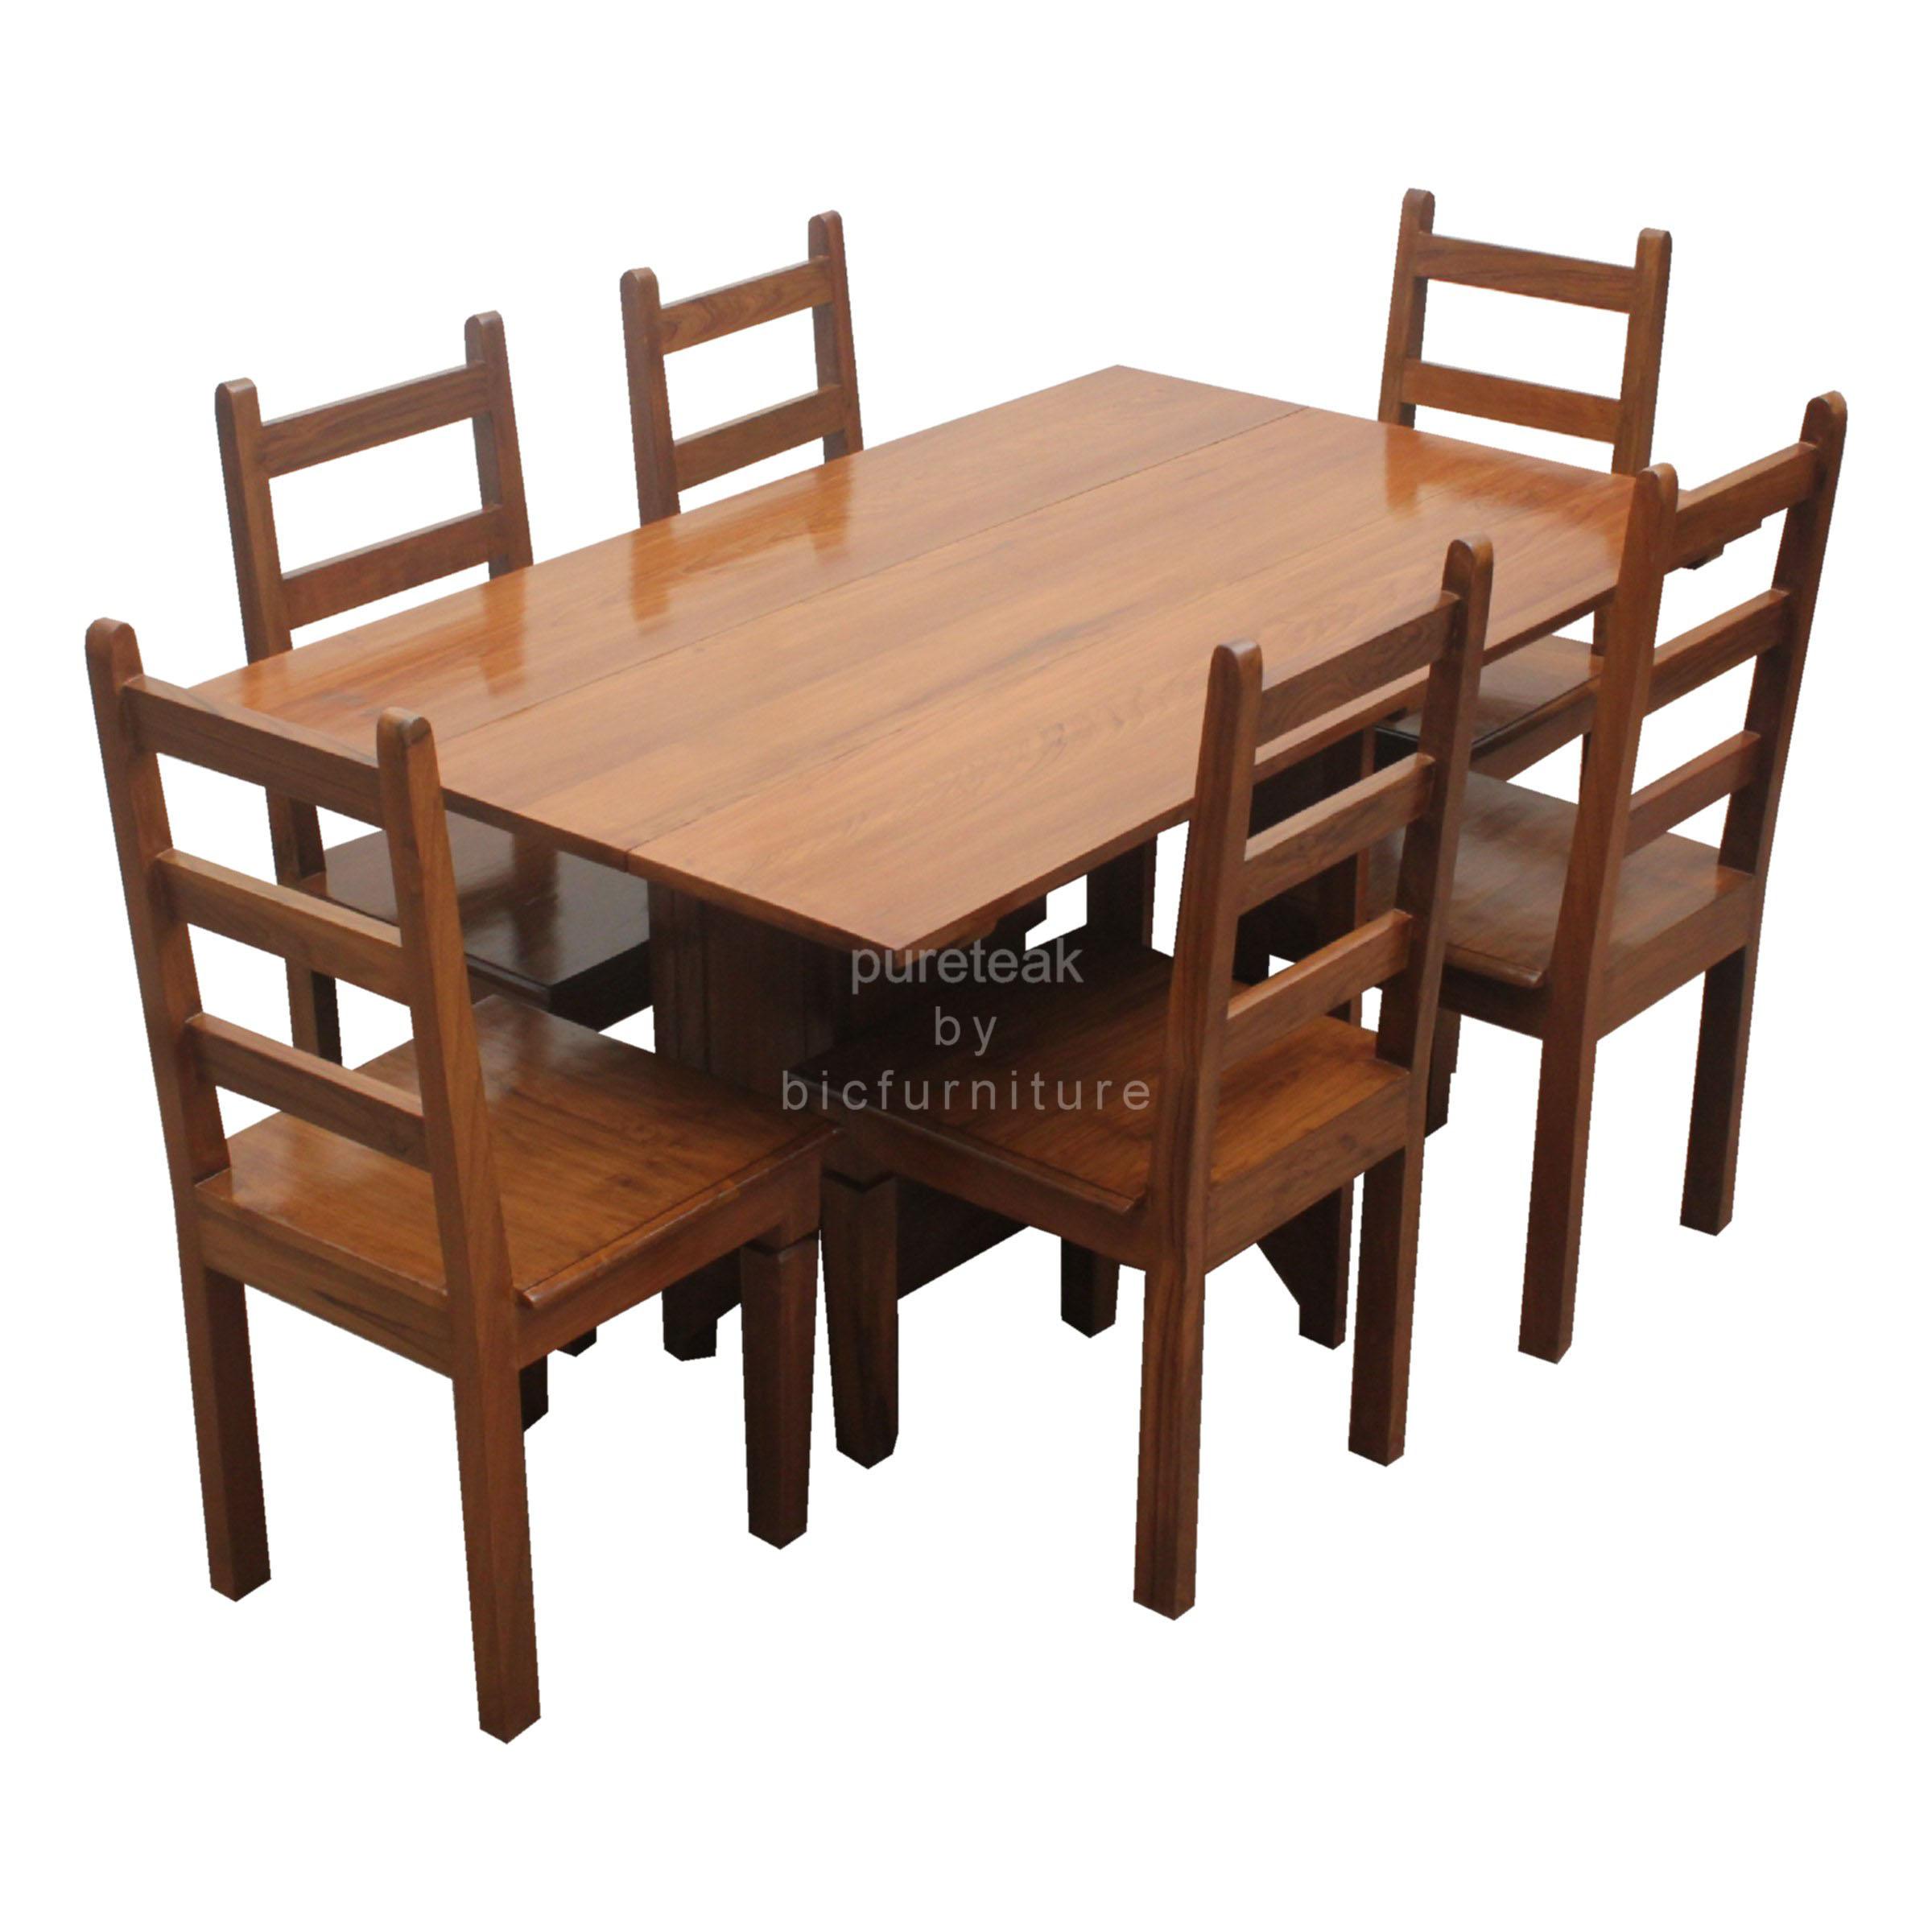 Six Seater Dinning Table Set In Teak, Teak Wood Dining Room Table